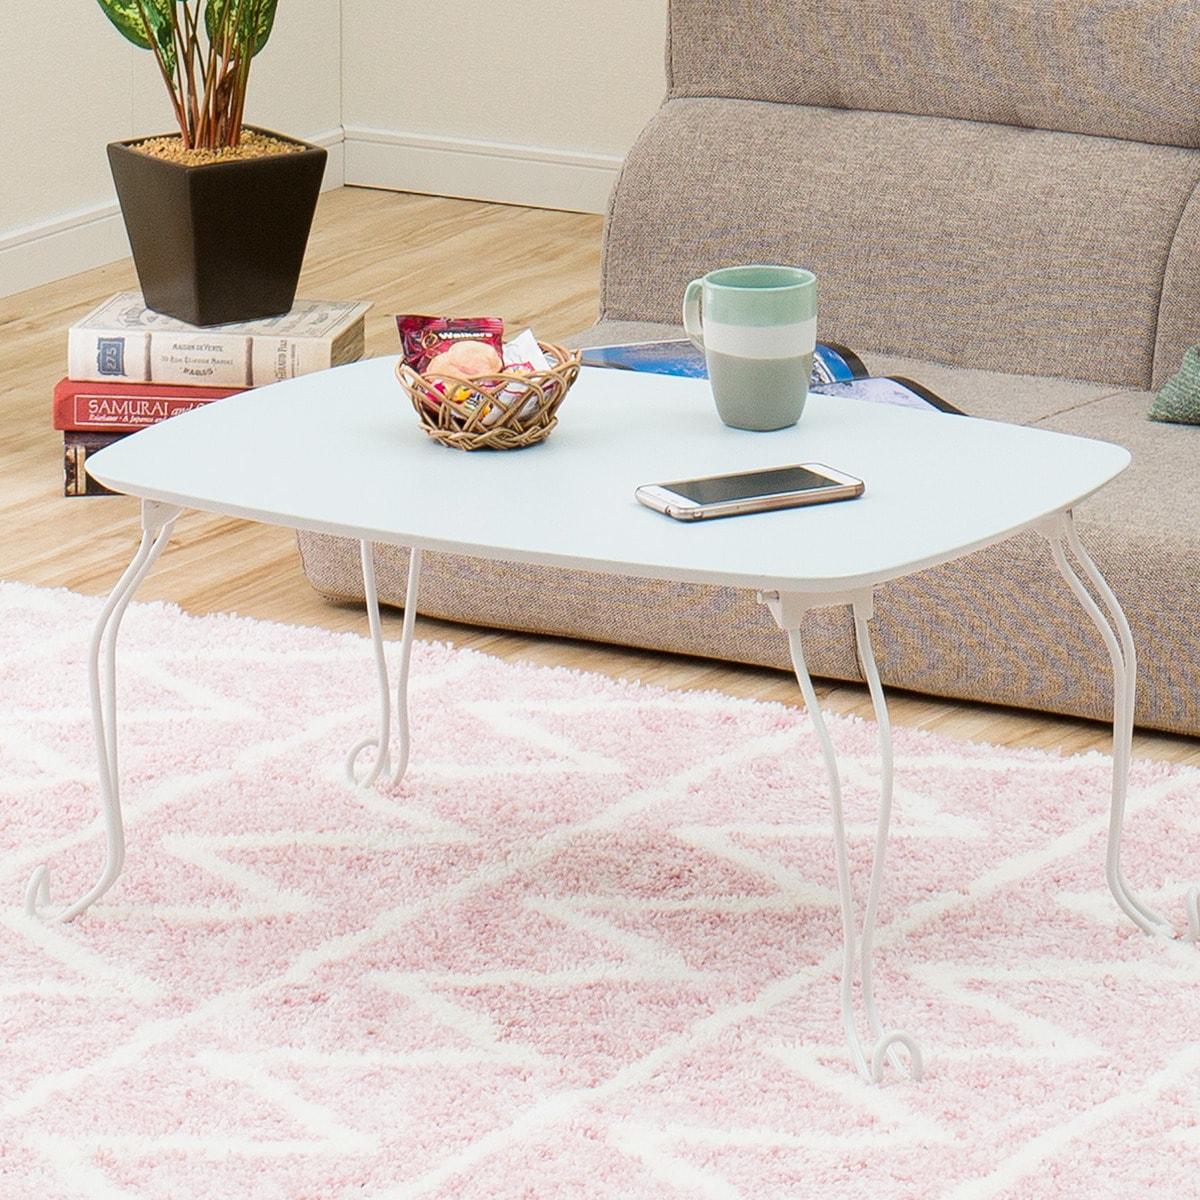 折りたたみテーブル キャル2 7050(ターコイズブルー) ニトリ 【玄関先迄納品】